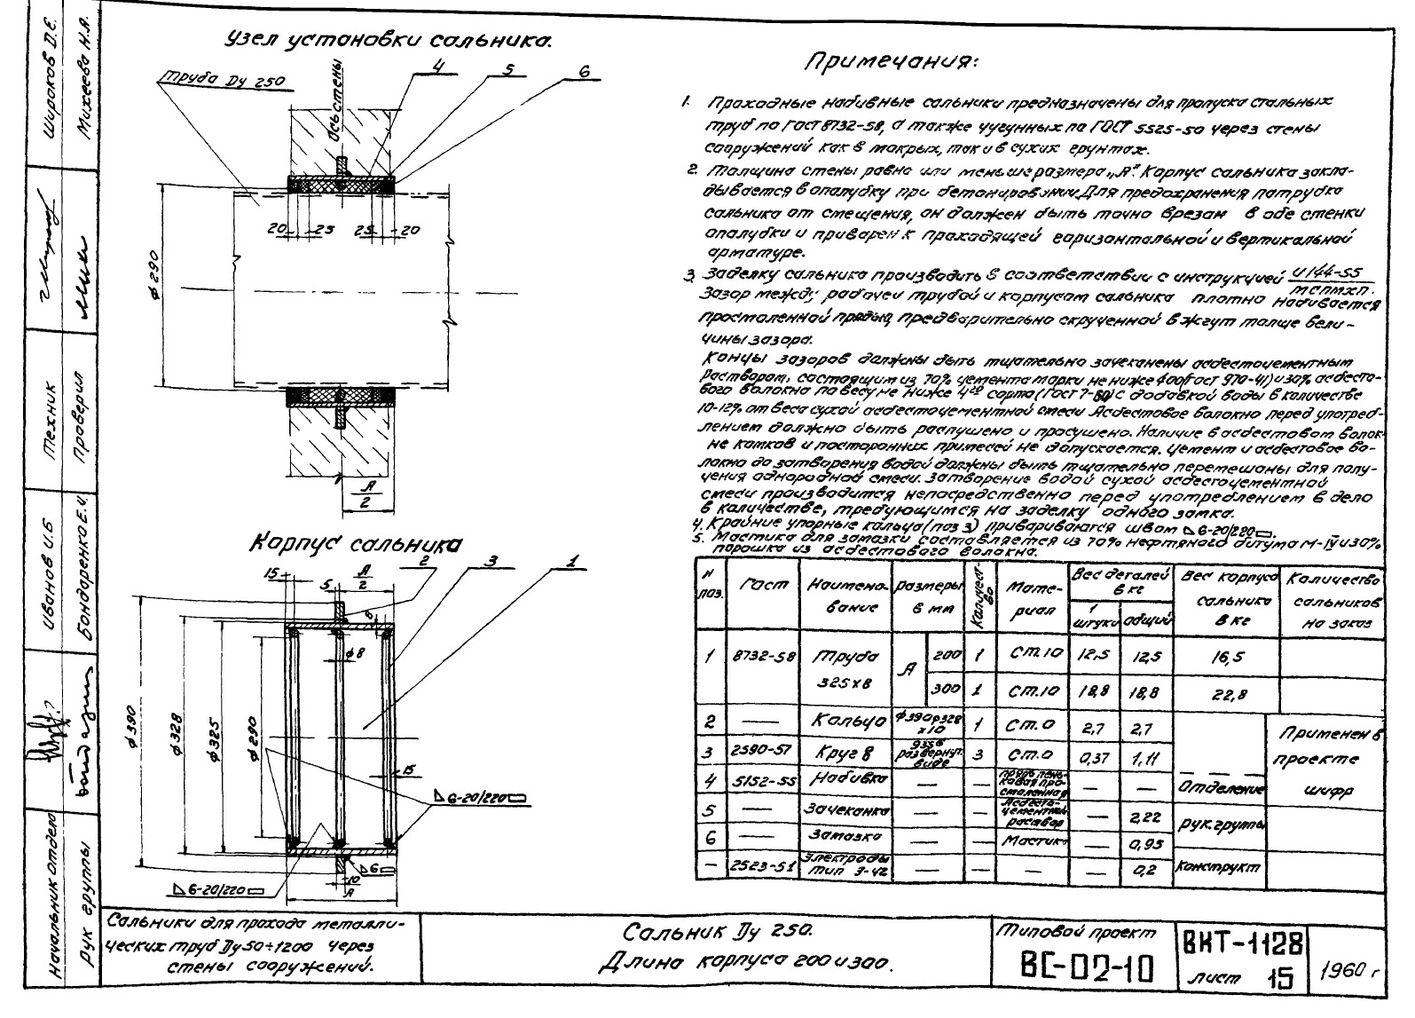 Сальники набивные L = 300 мм типовой проект ВС-02-10 стр.7